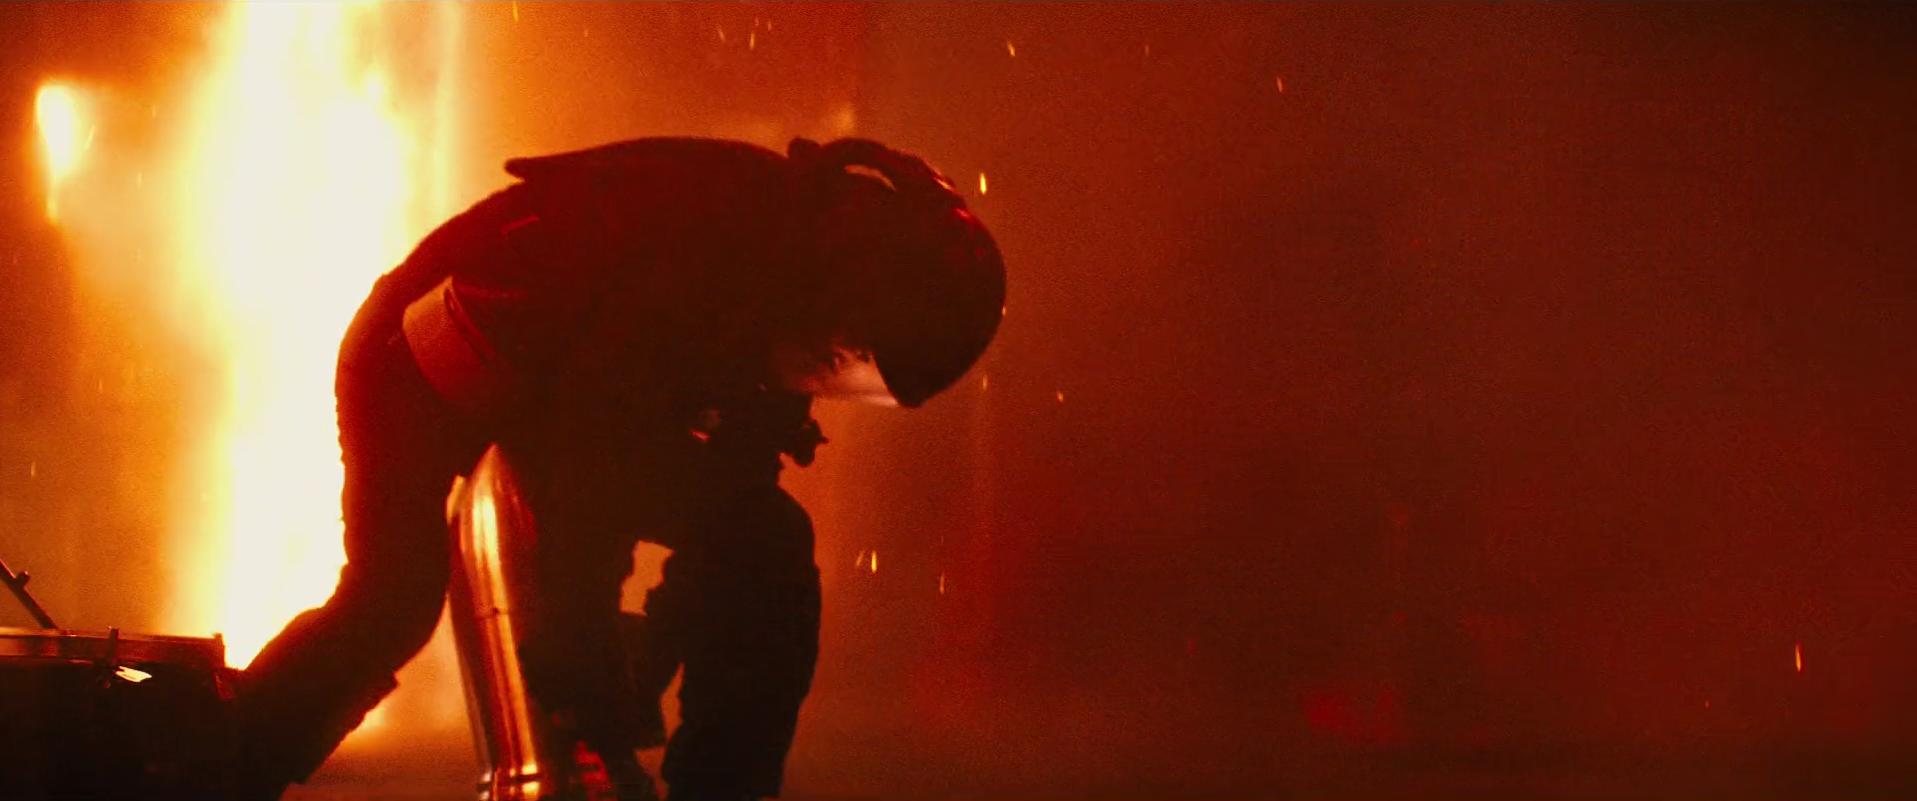 19 - Serizawa setting up the bomb.png